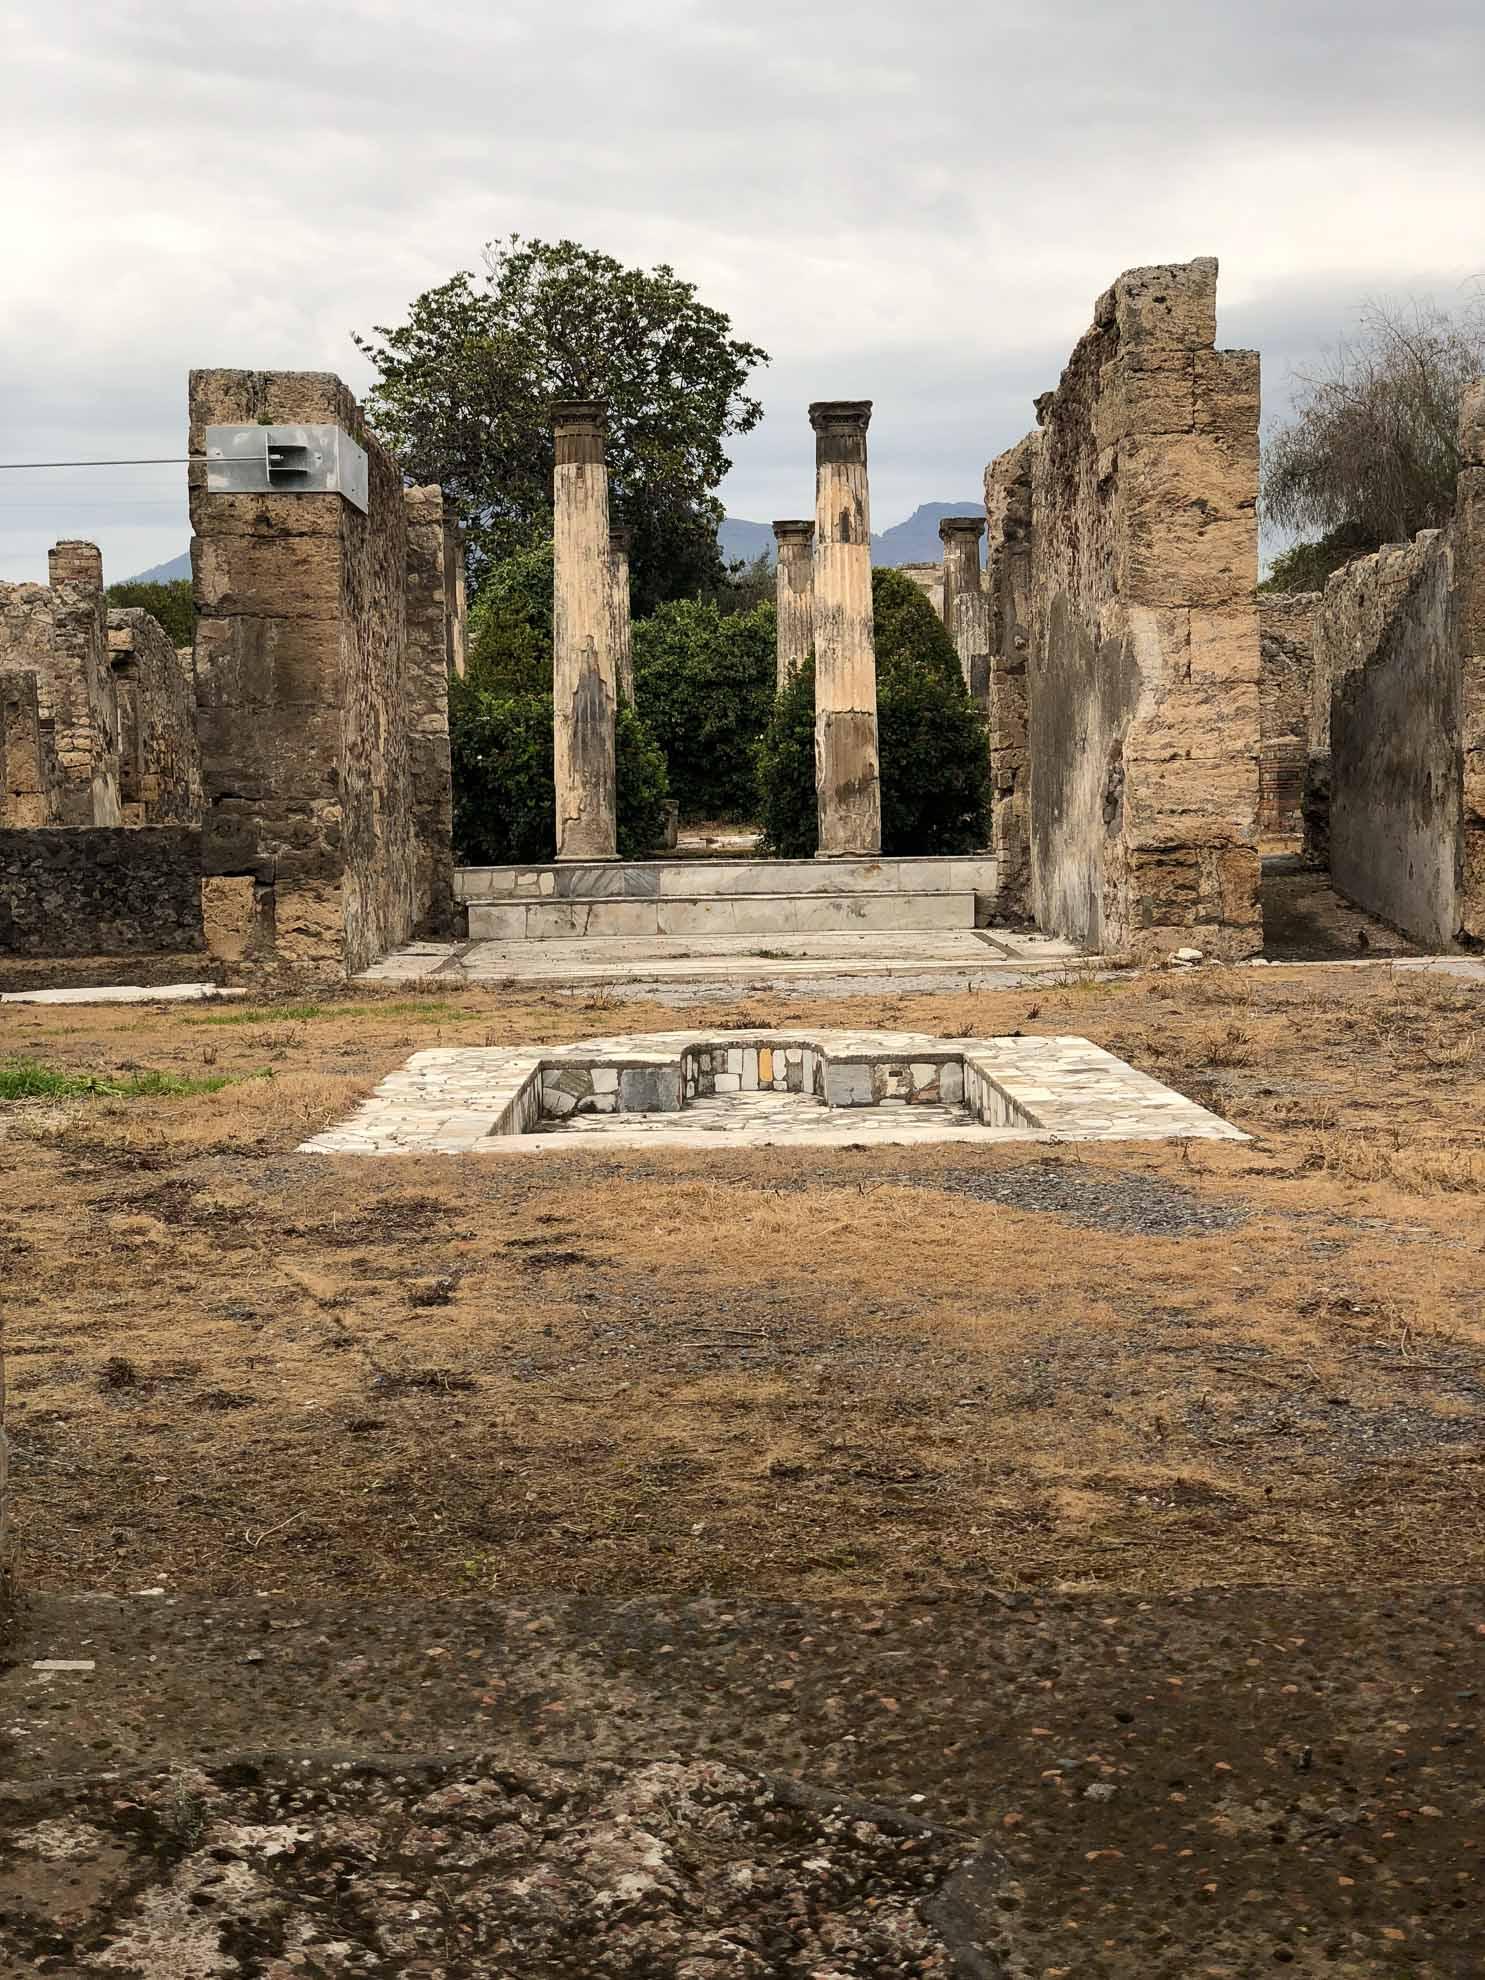 Noch immer sind nicht alle Teile der verschütteten Stadt freigelegt, zudem ist der Erhalt der Ruinen schwierig und aufwändig.